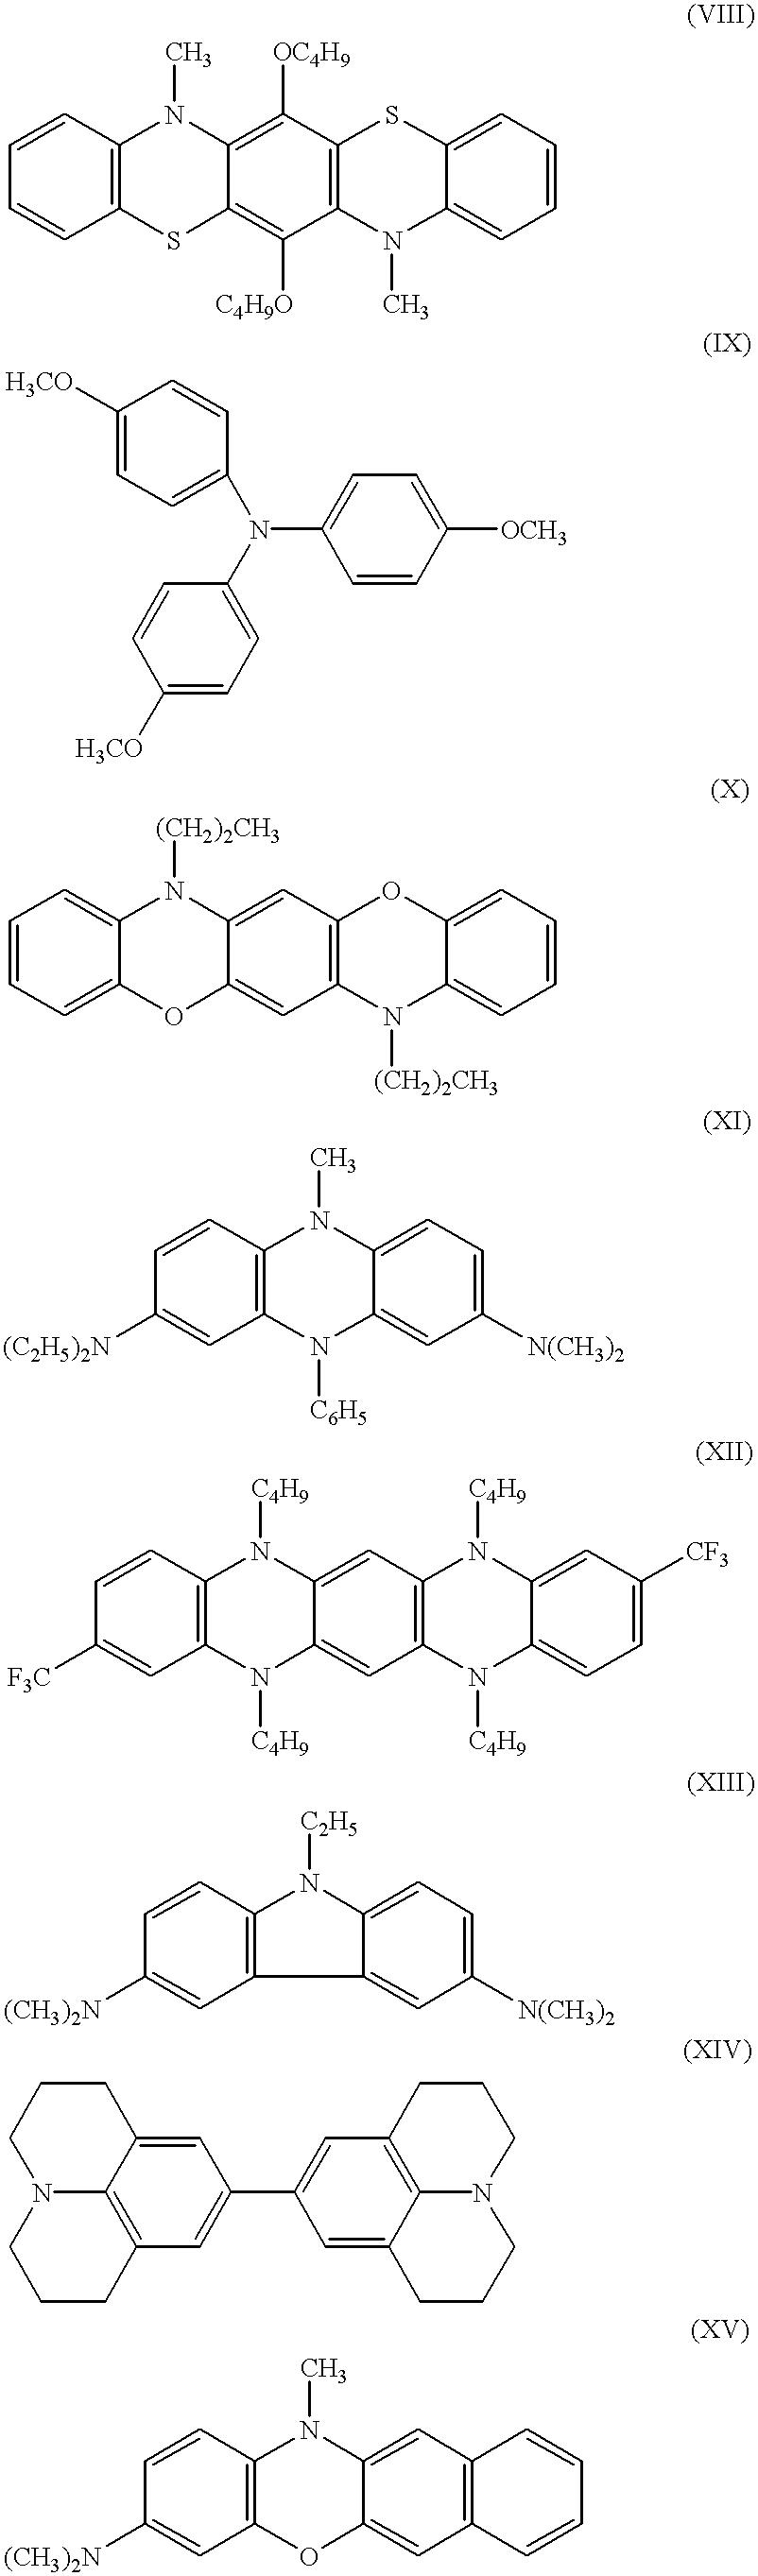 Figure US06193912-20010227-C00003